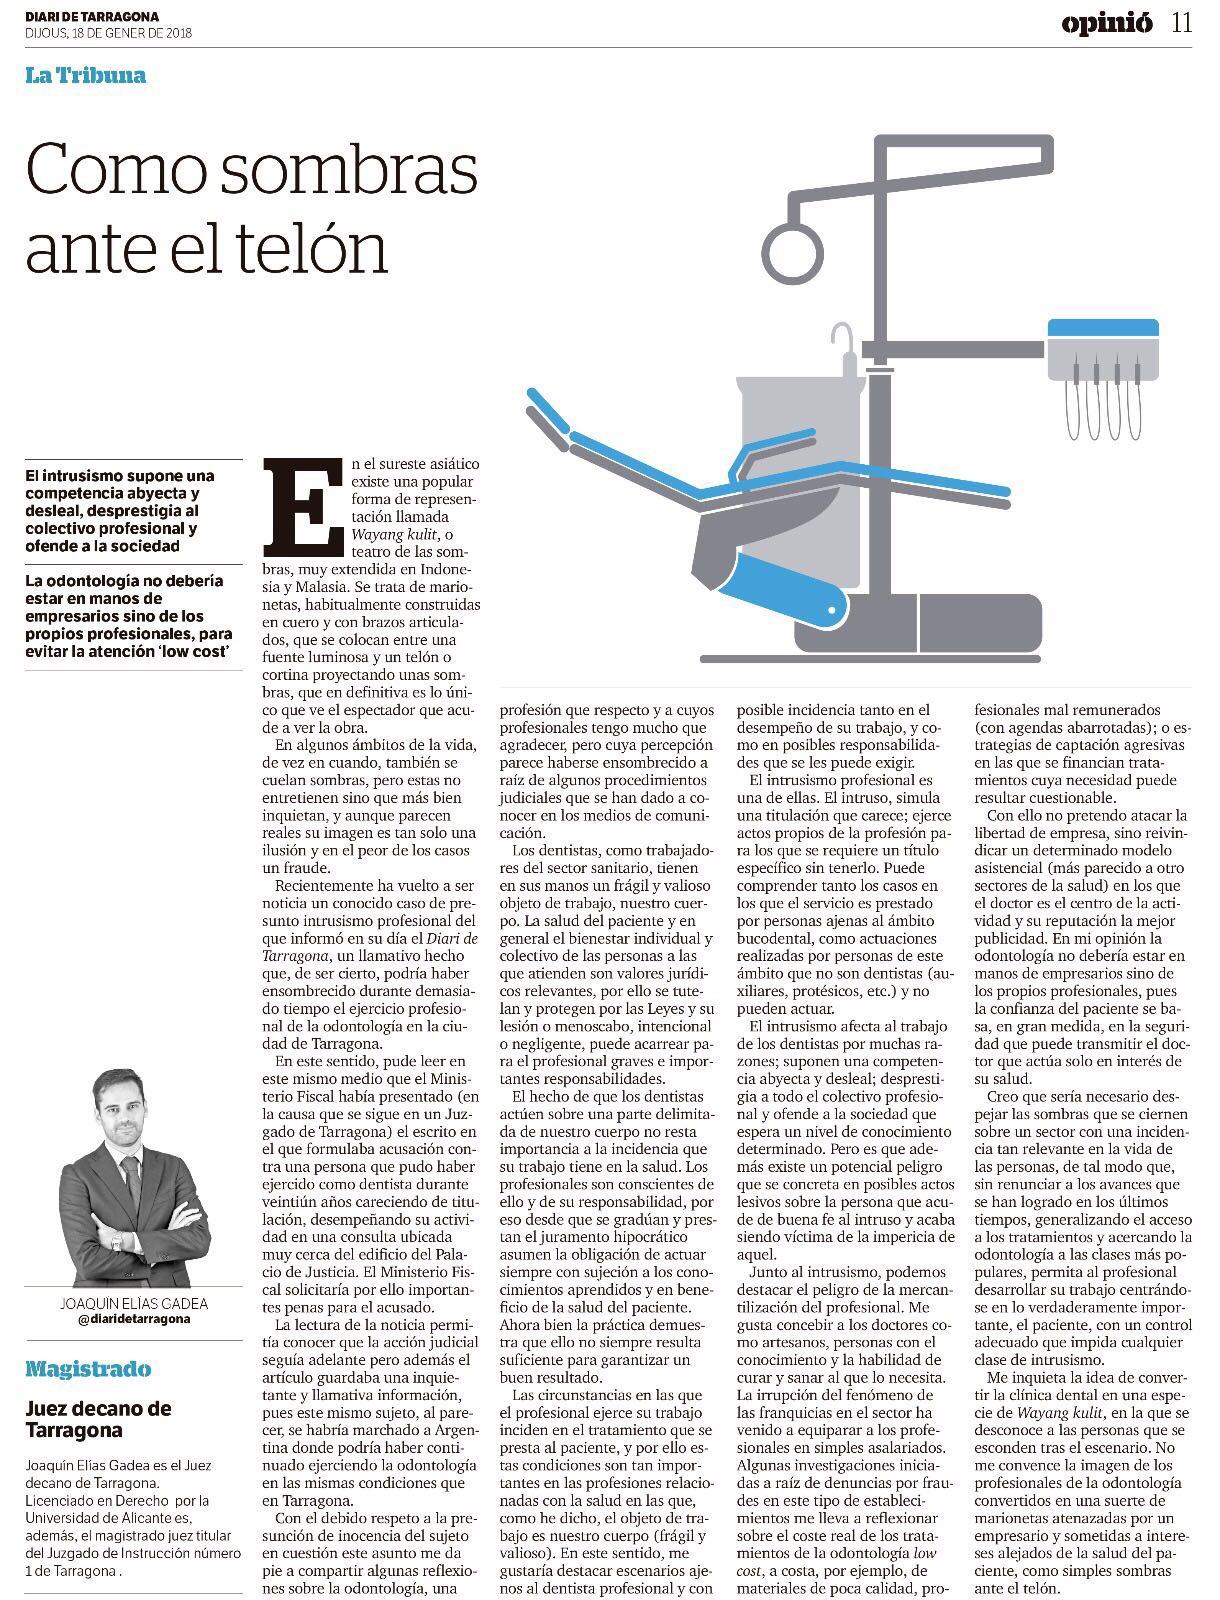 Articulo compartido diari de Tarragona sobre intrusismo en odontologia y sus riesgos